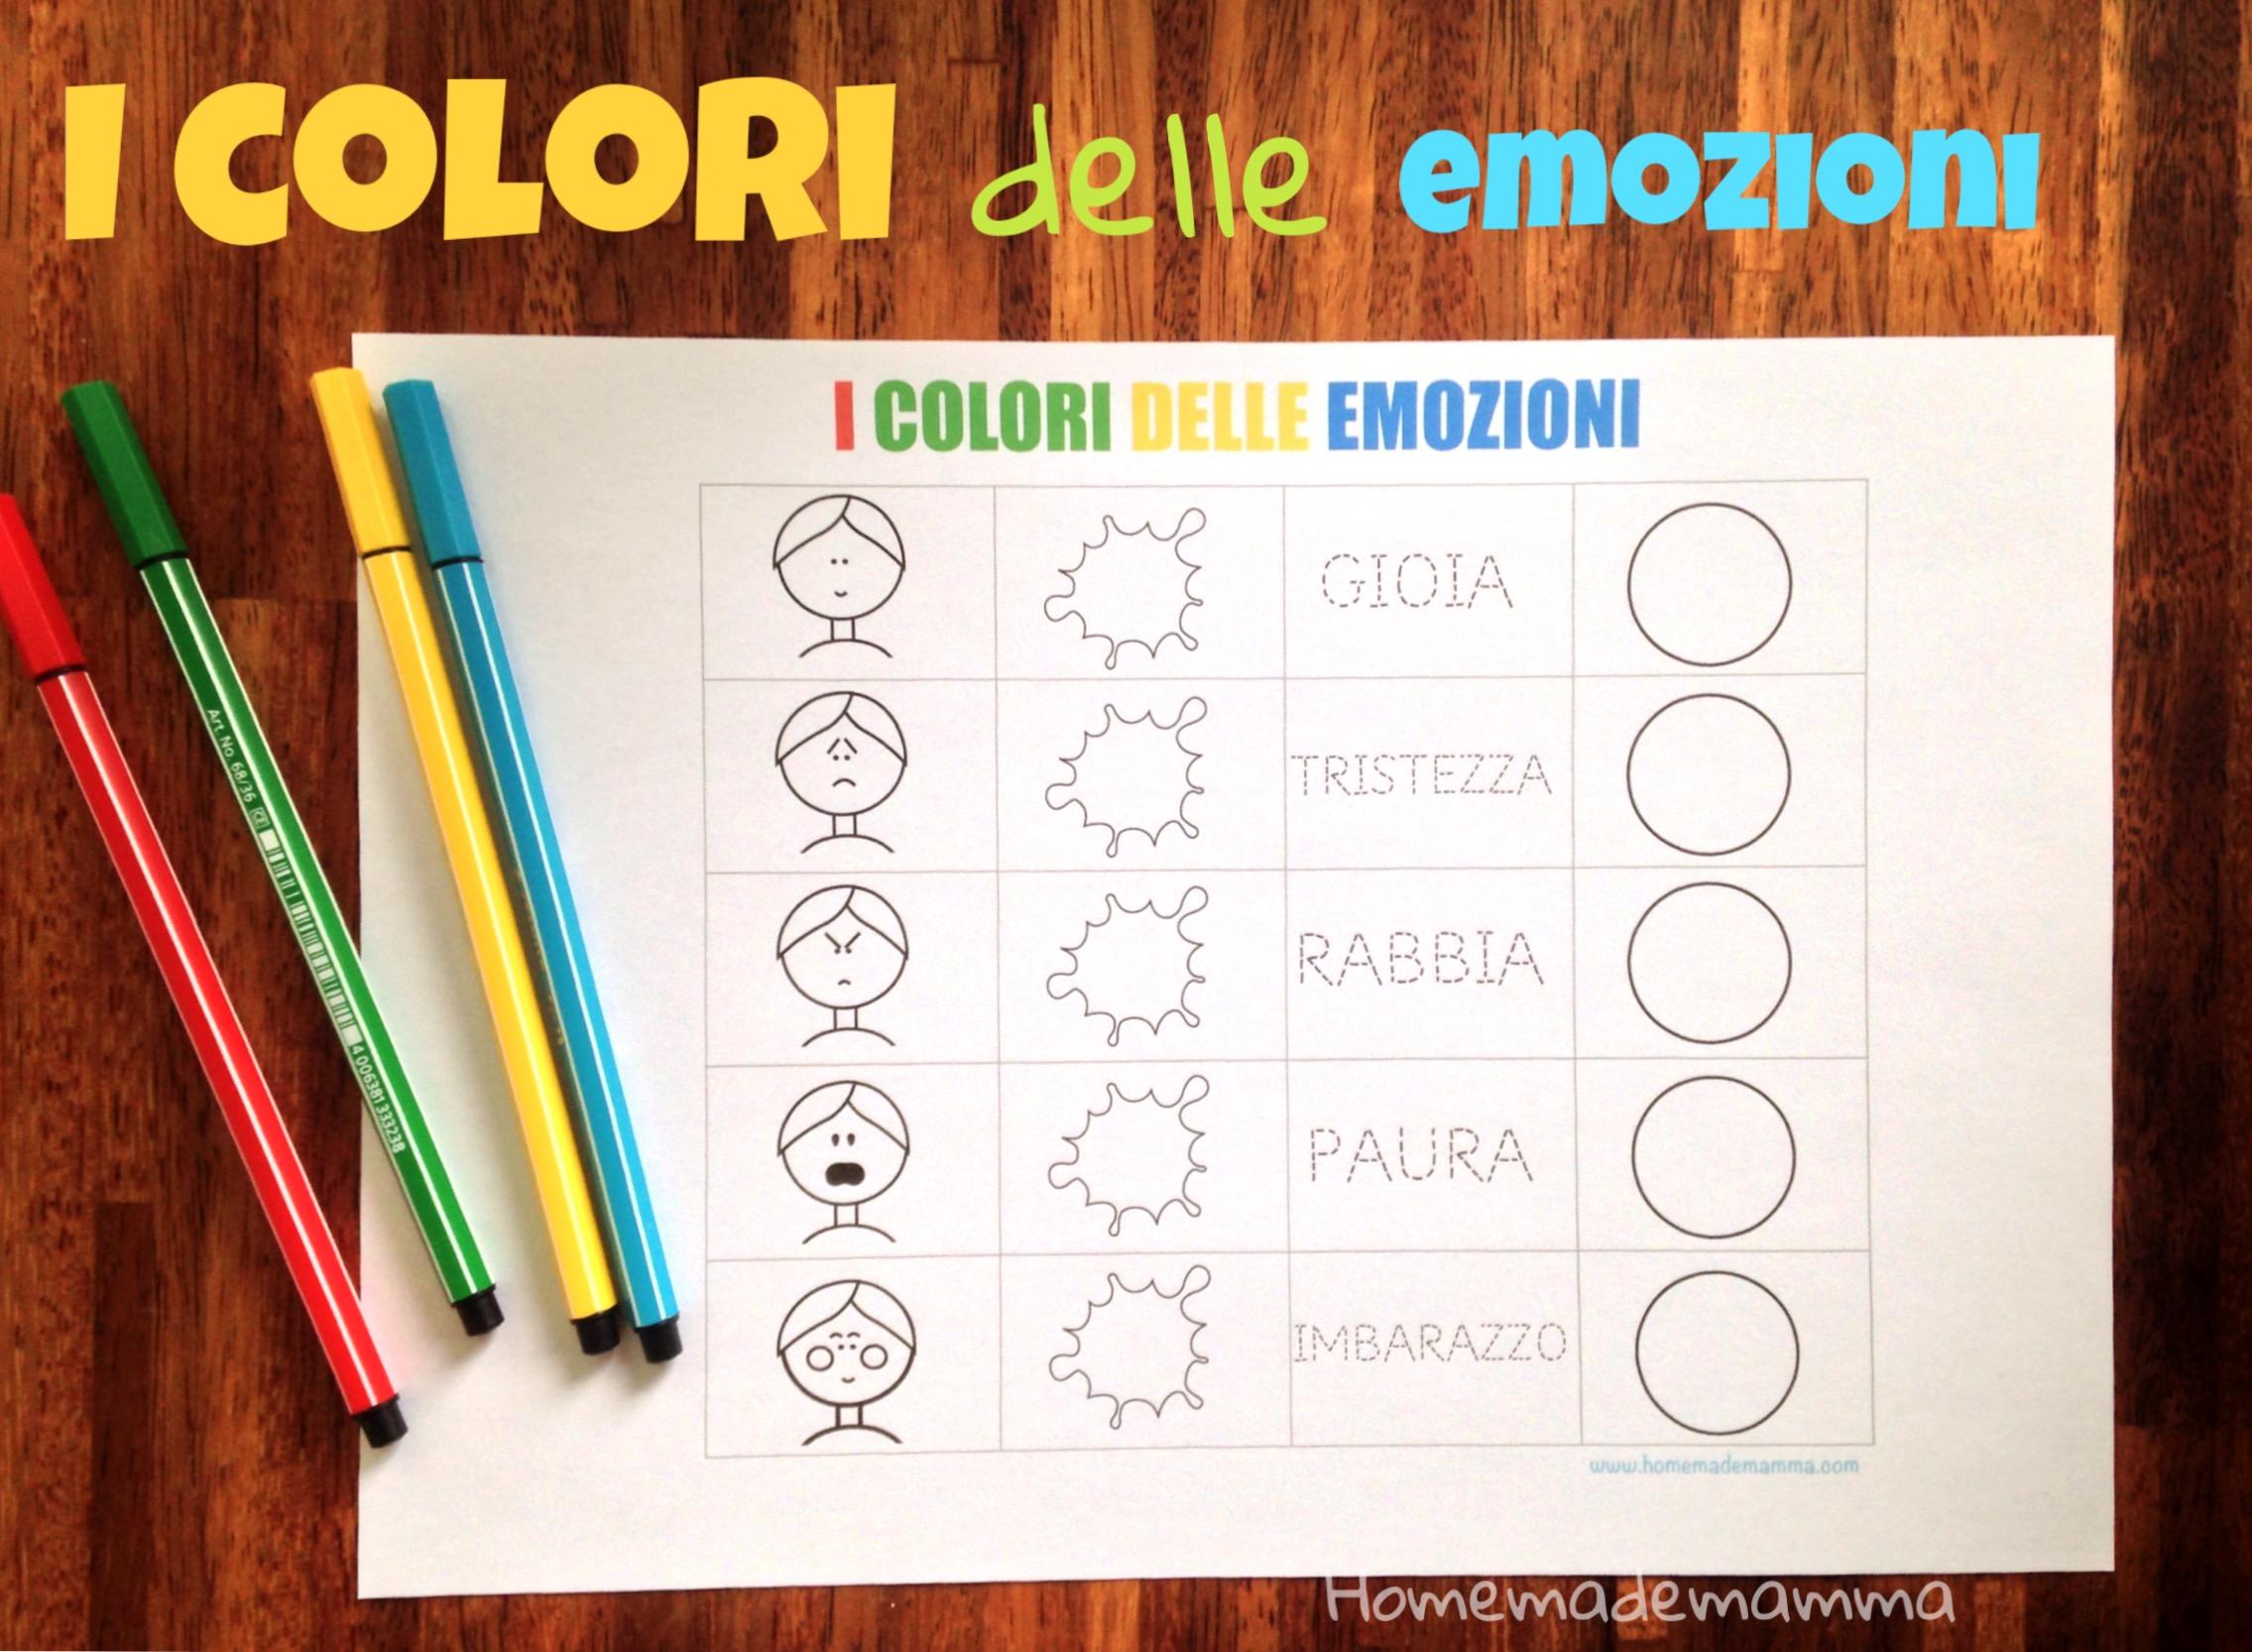 scheda i colori delle emozioni